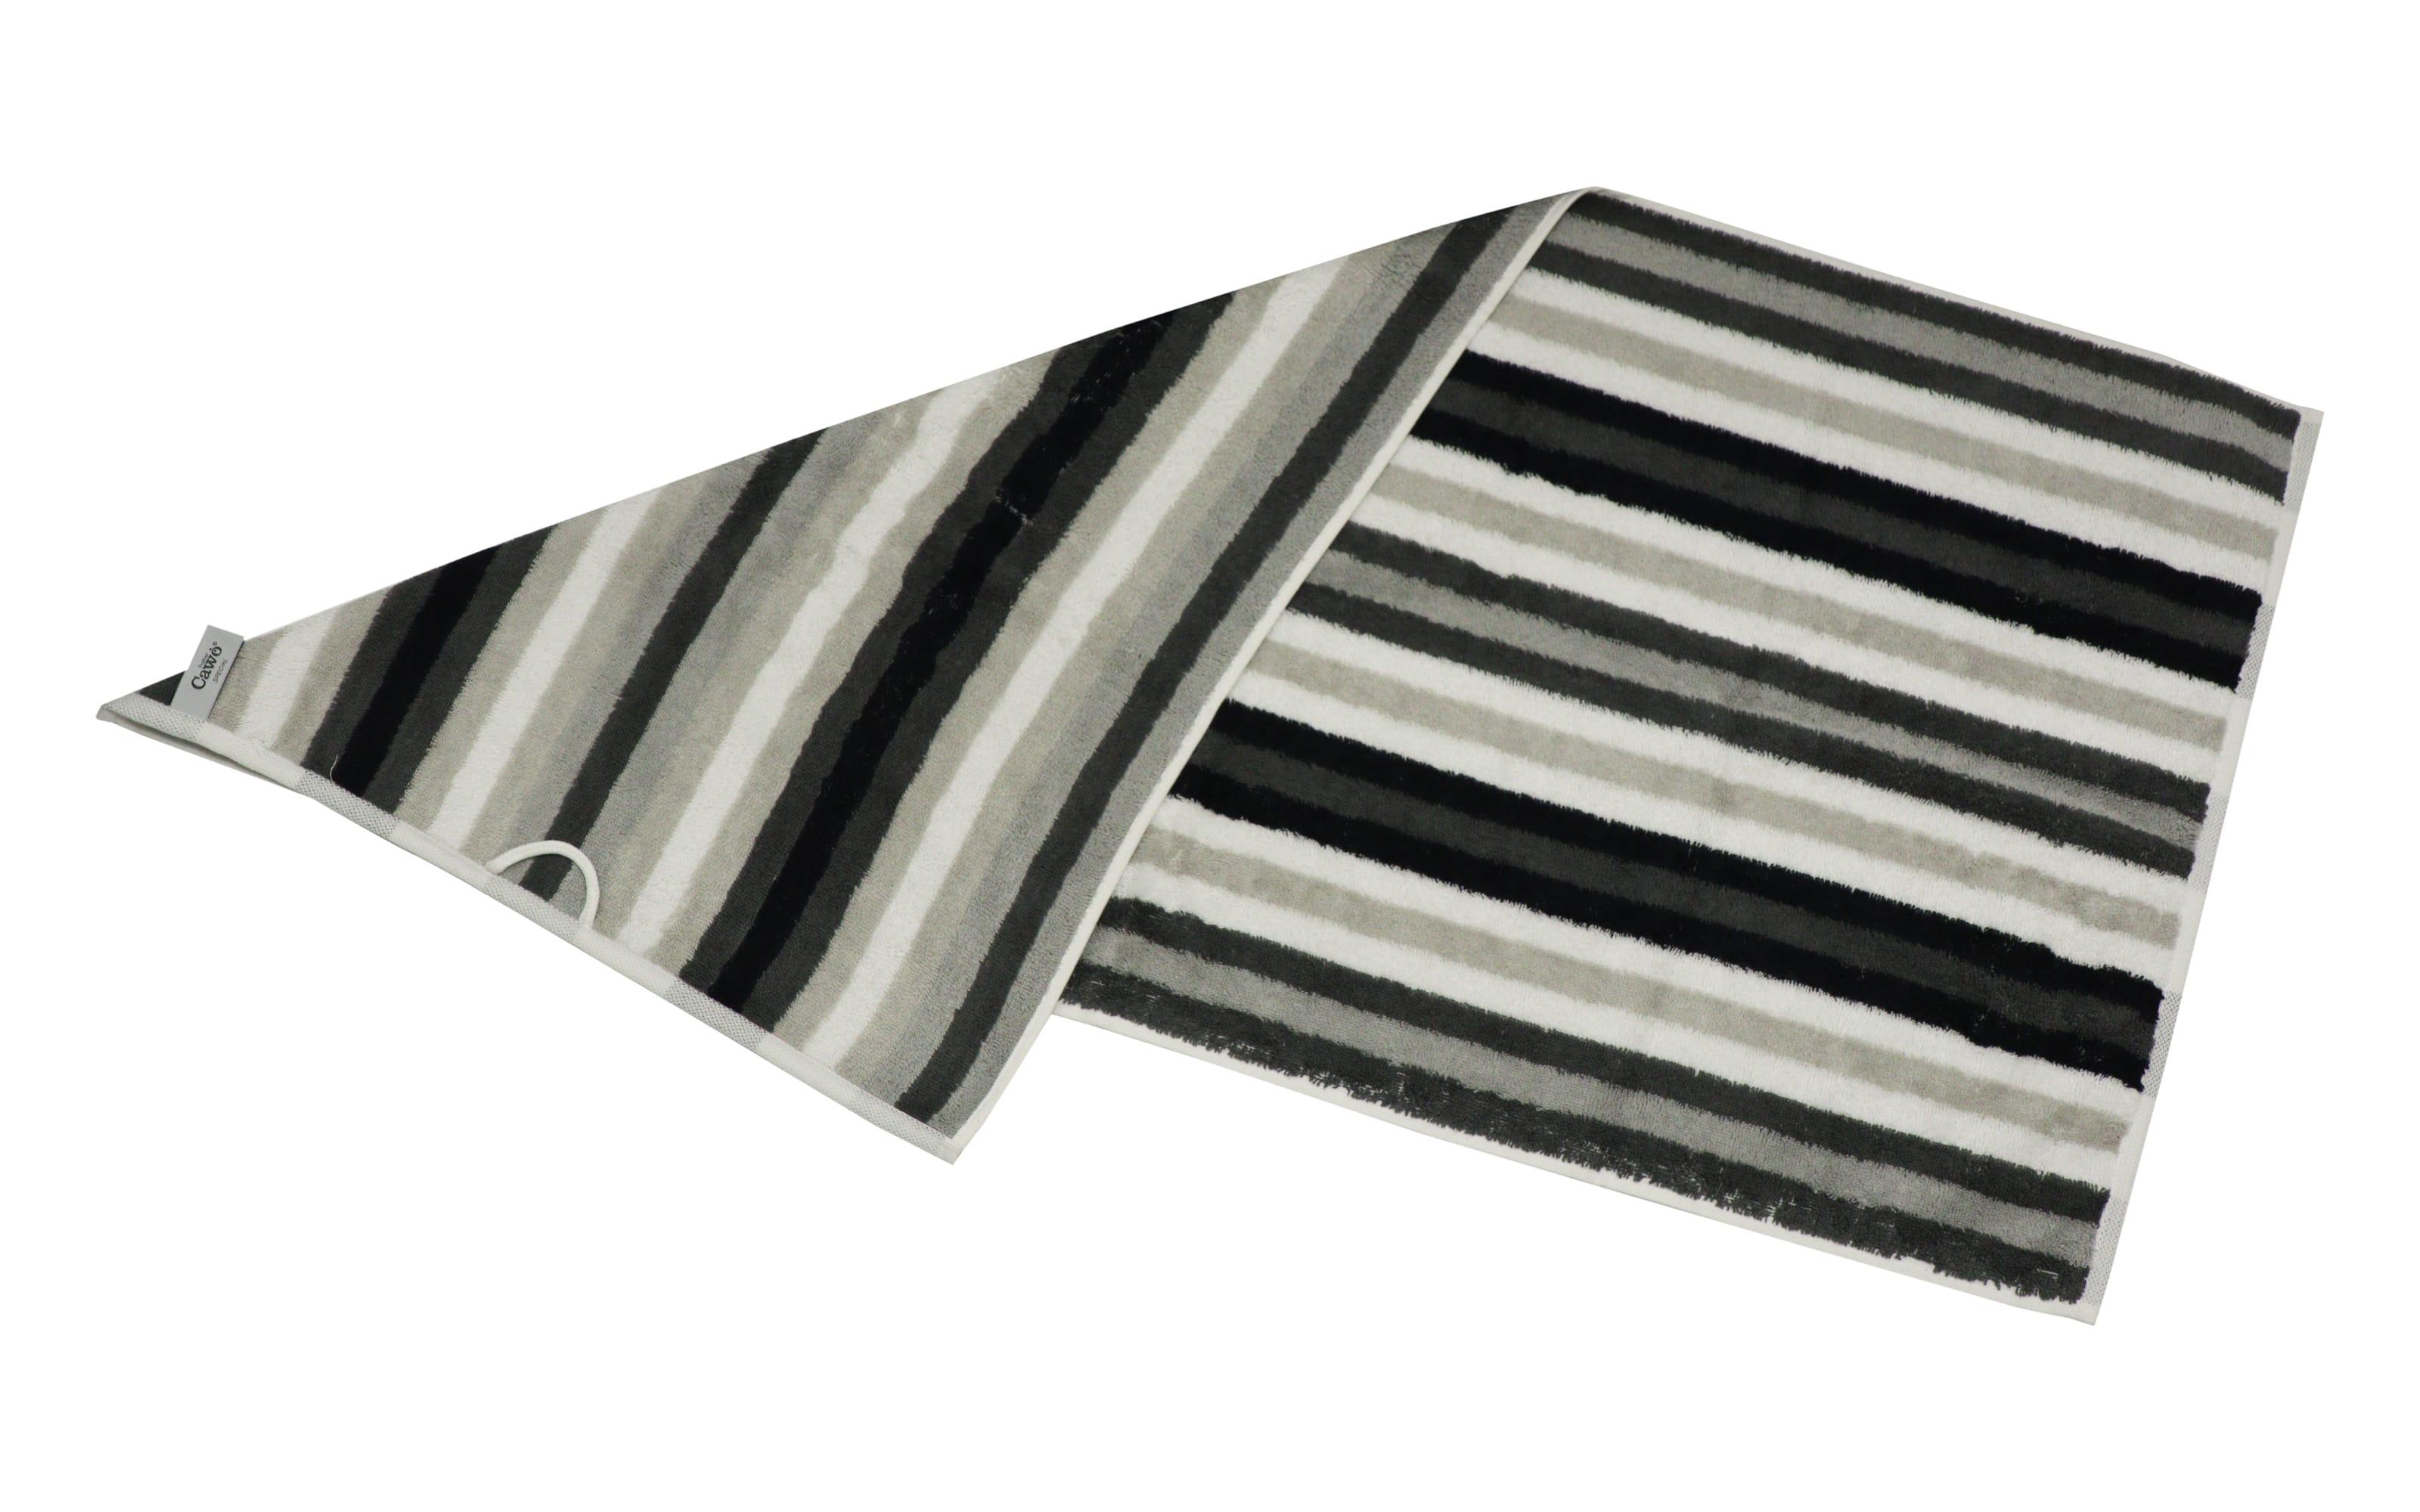 Handtuch Streifen in schwarz/weiss/grau, 50 x 100 cm